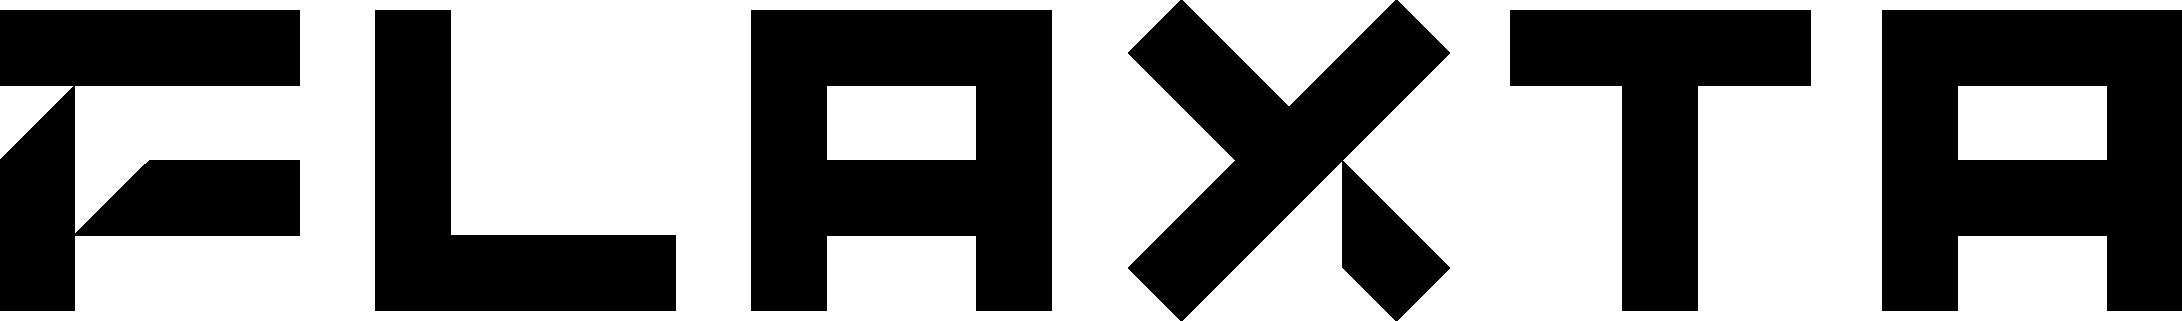 flaxta-logo-black.png